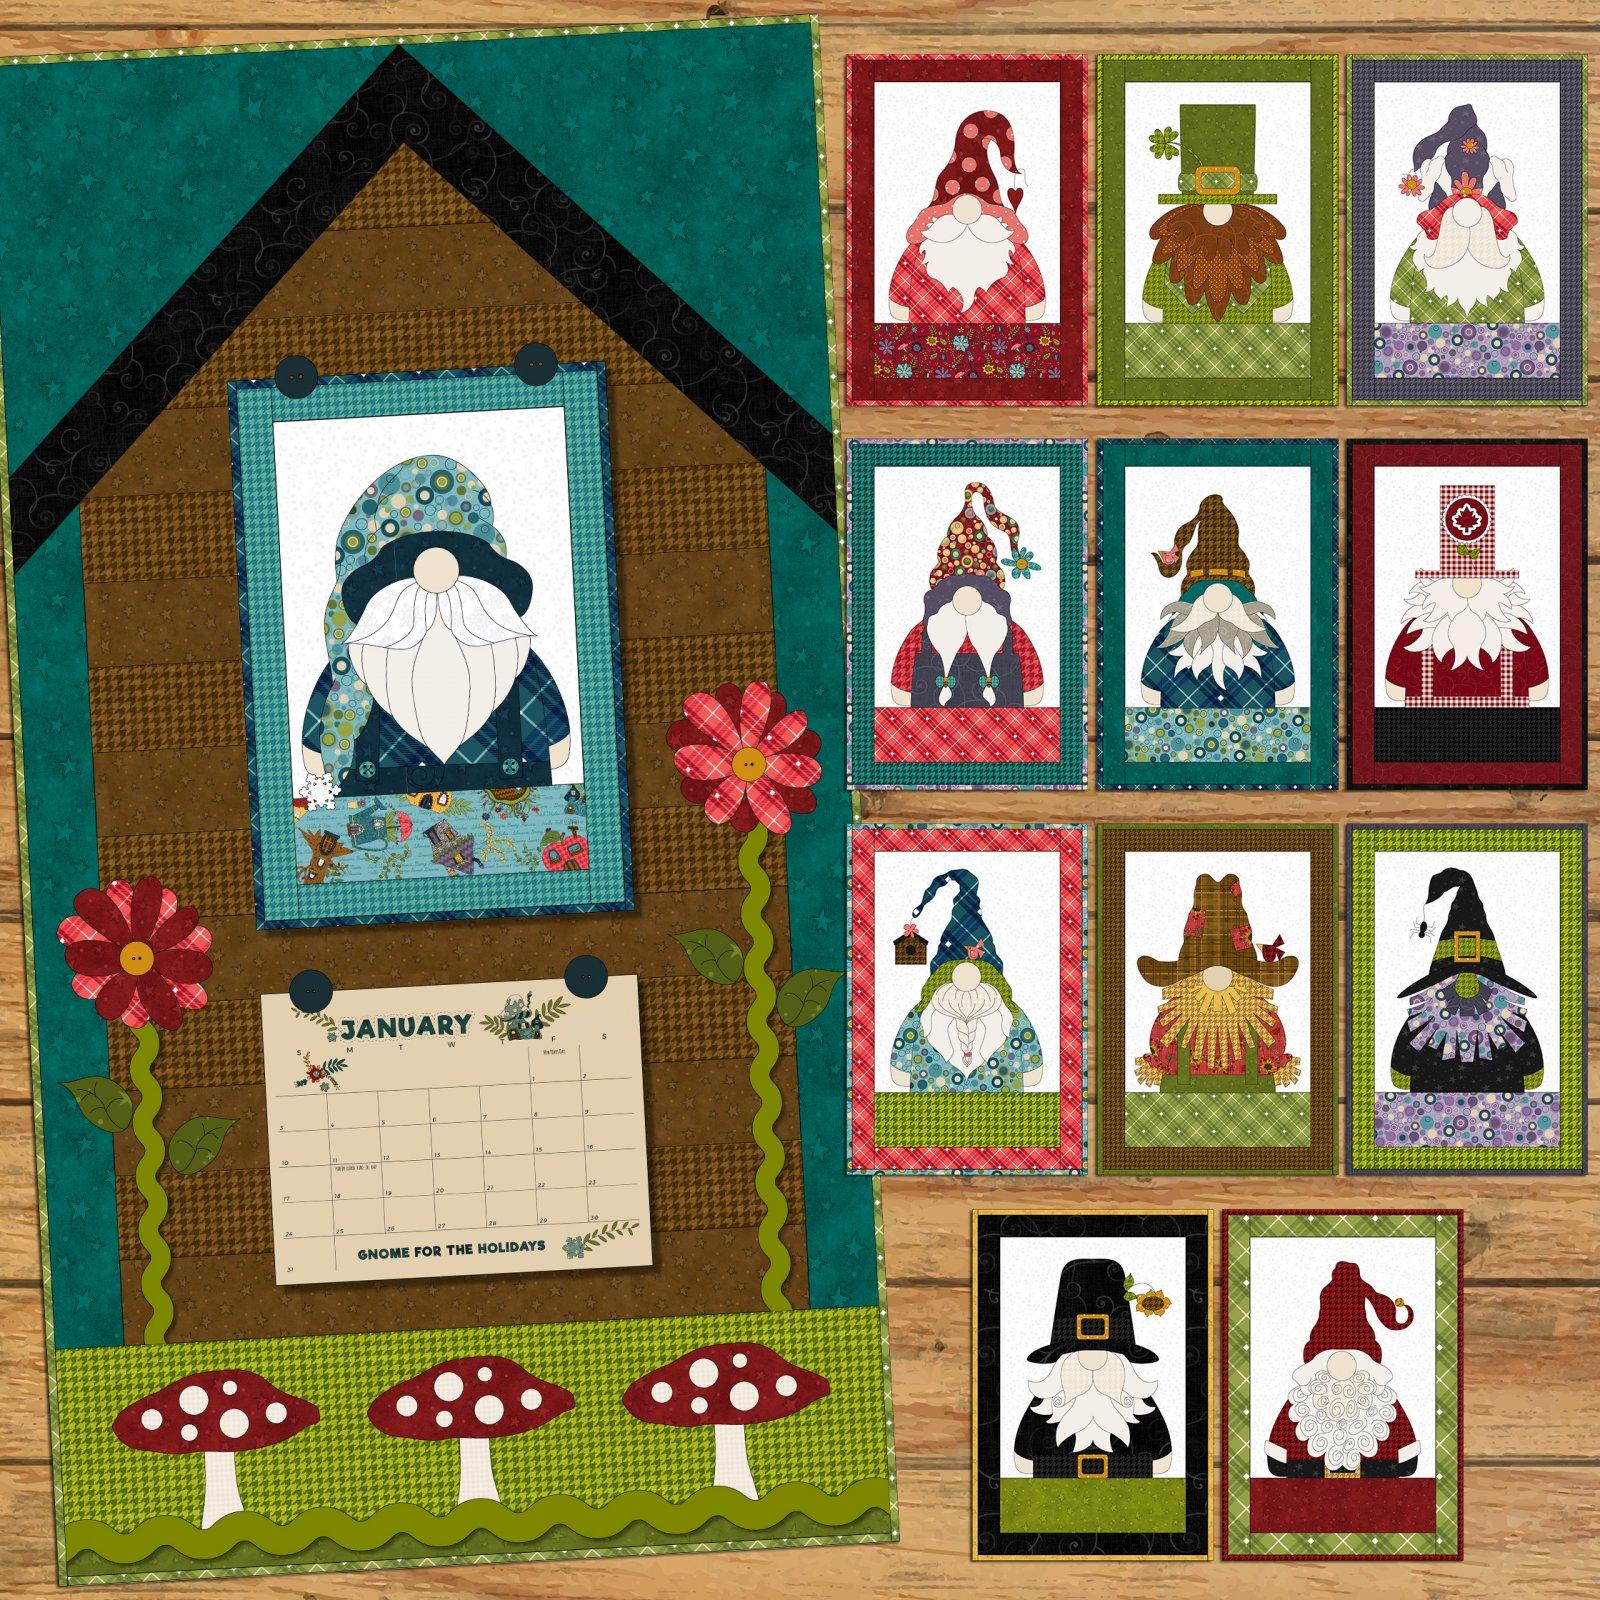 Canada Gnome for the Holidays Calendar Applique Quilt